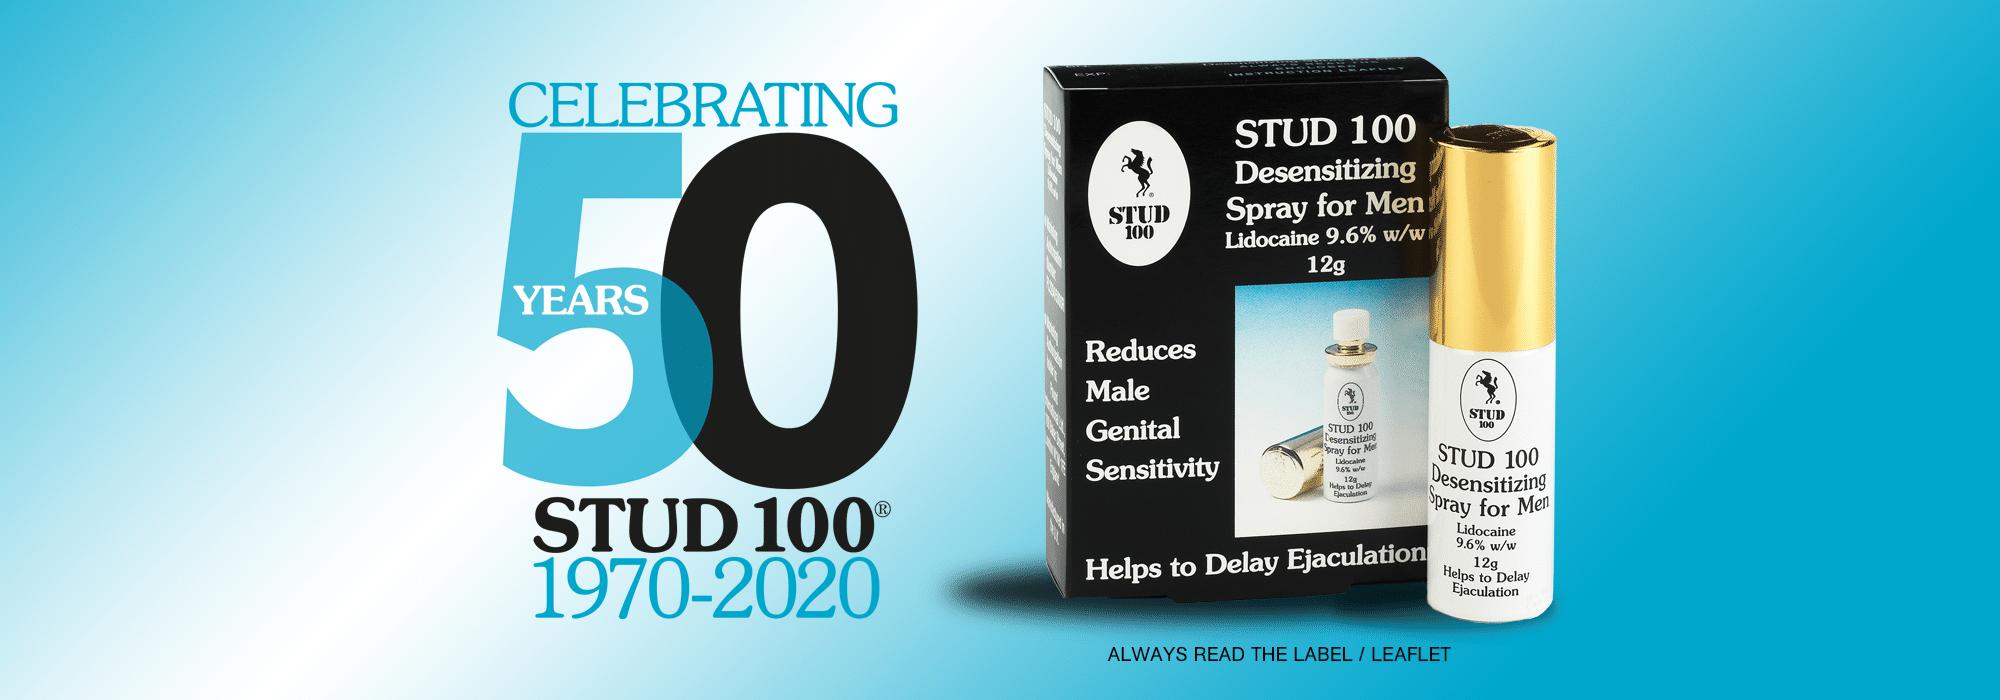 chai xit stud 100 phien ban UK nap vang bia 5 - Chai xịt stud 100 phiên bản UK nắp vàng hàng chuẩn 100%